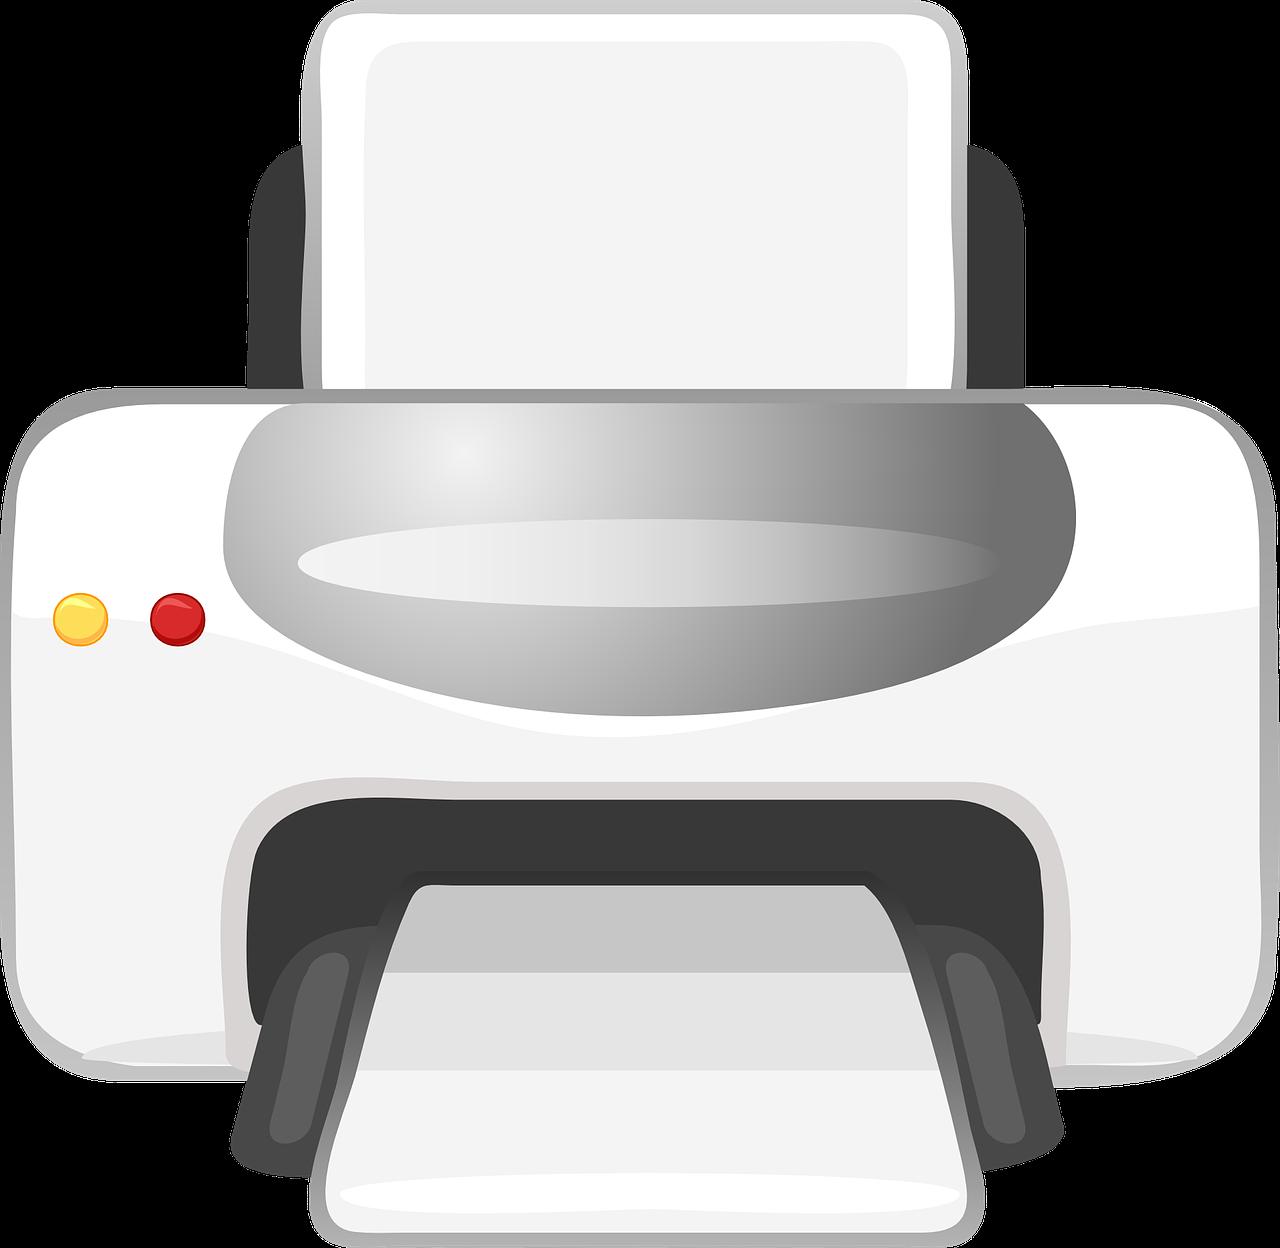 מכשיר הדפסה